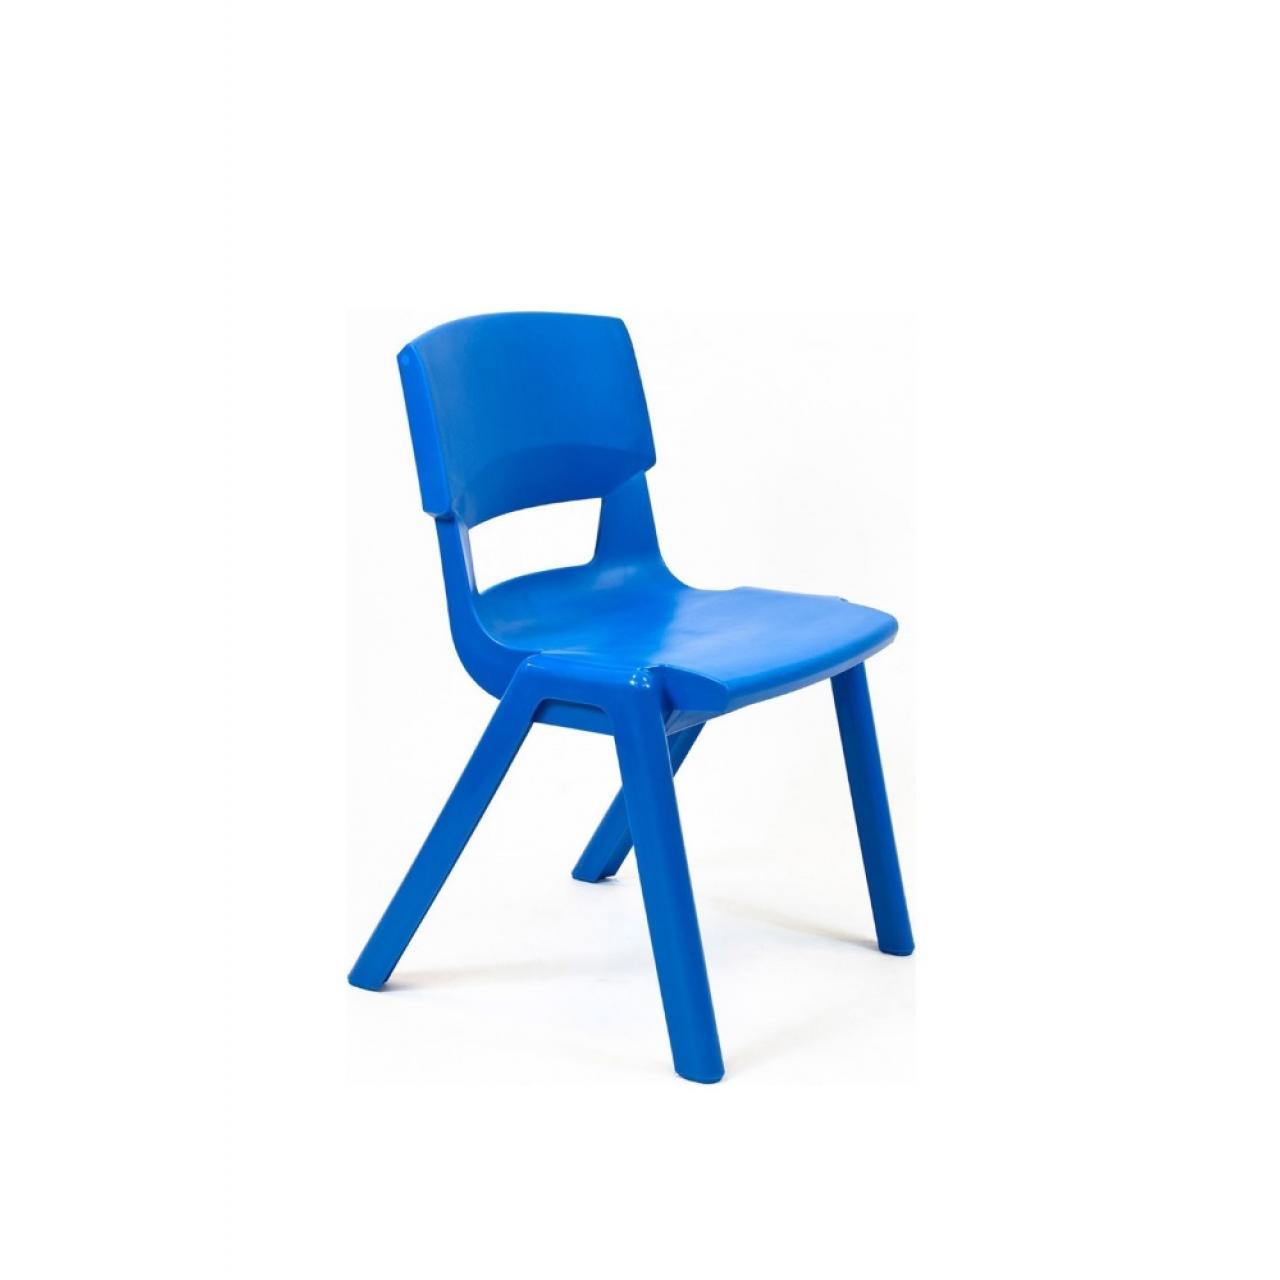 Stapelstuhl Postura blau robust pflegeleicht Kunststoff In- & Outdoor 20 Jahre Garantie